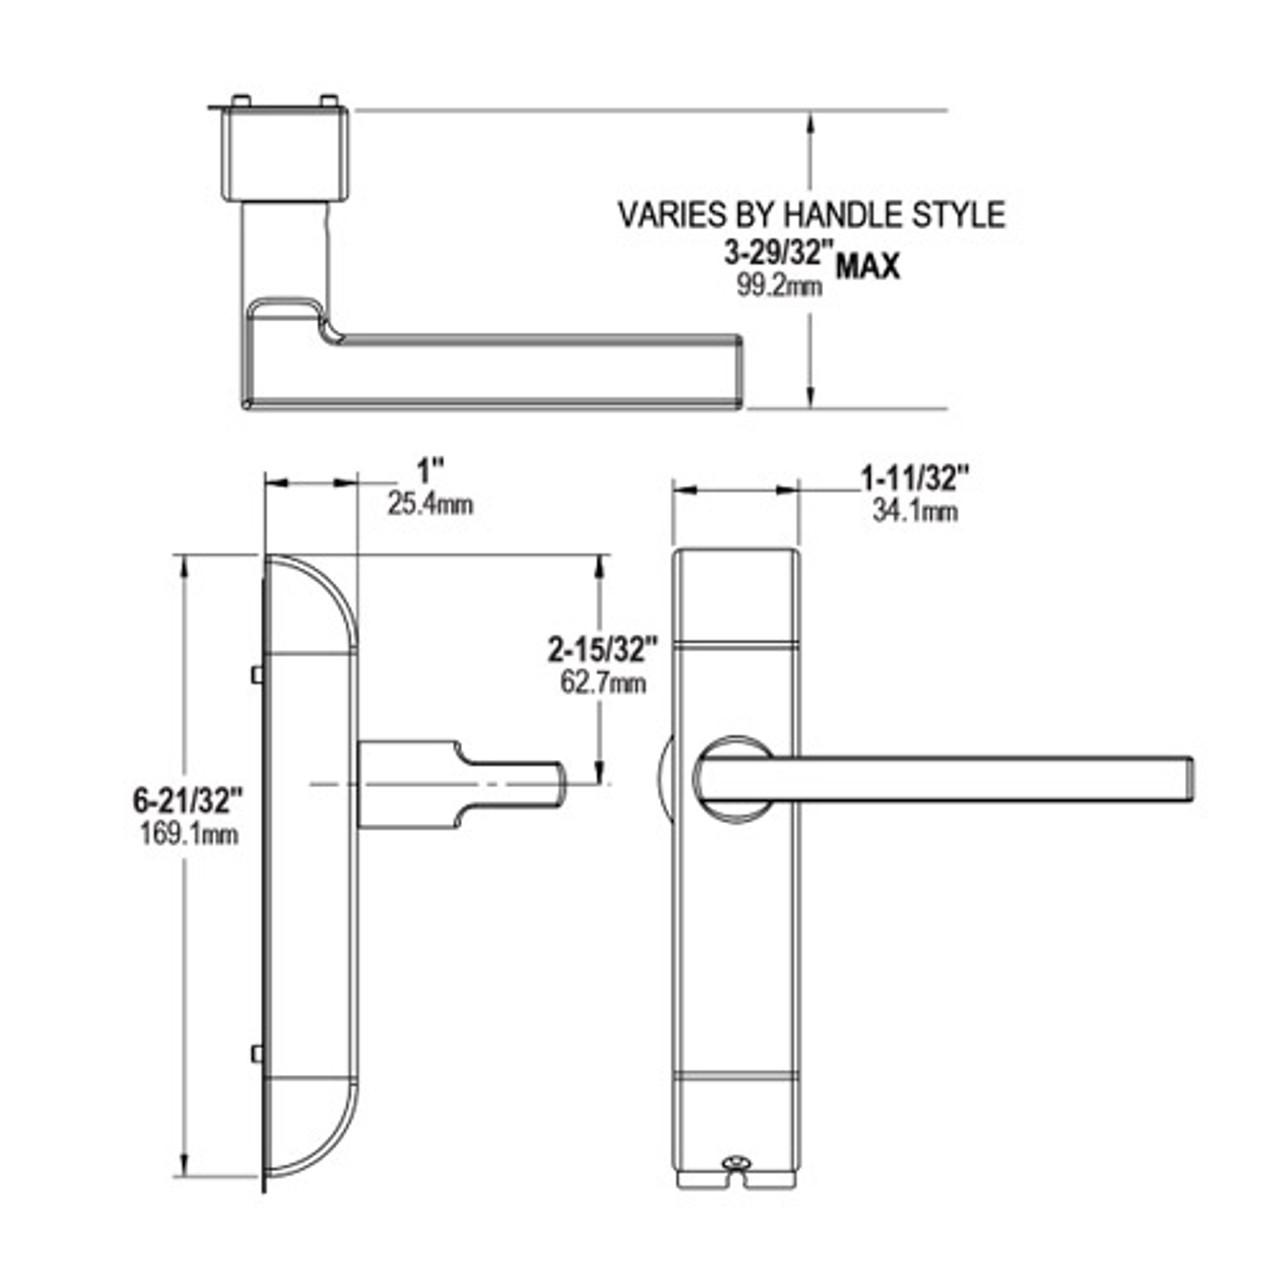 4600-MG-632-US10B Adams Rite MG Designer handle Dimensional View